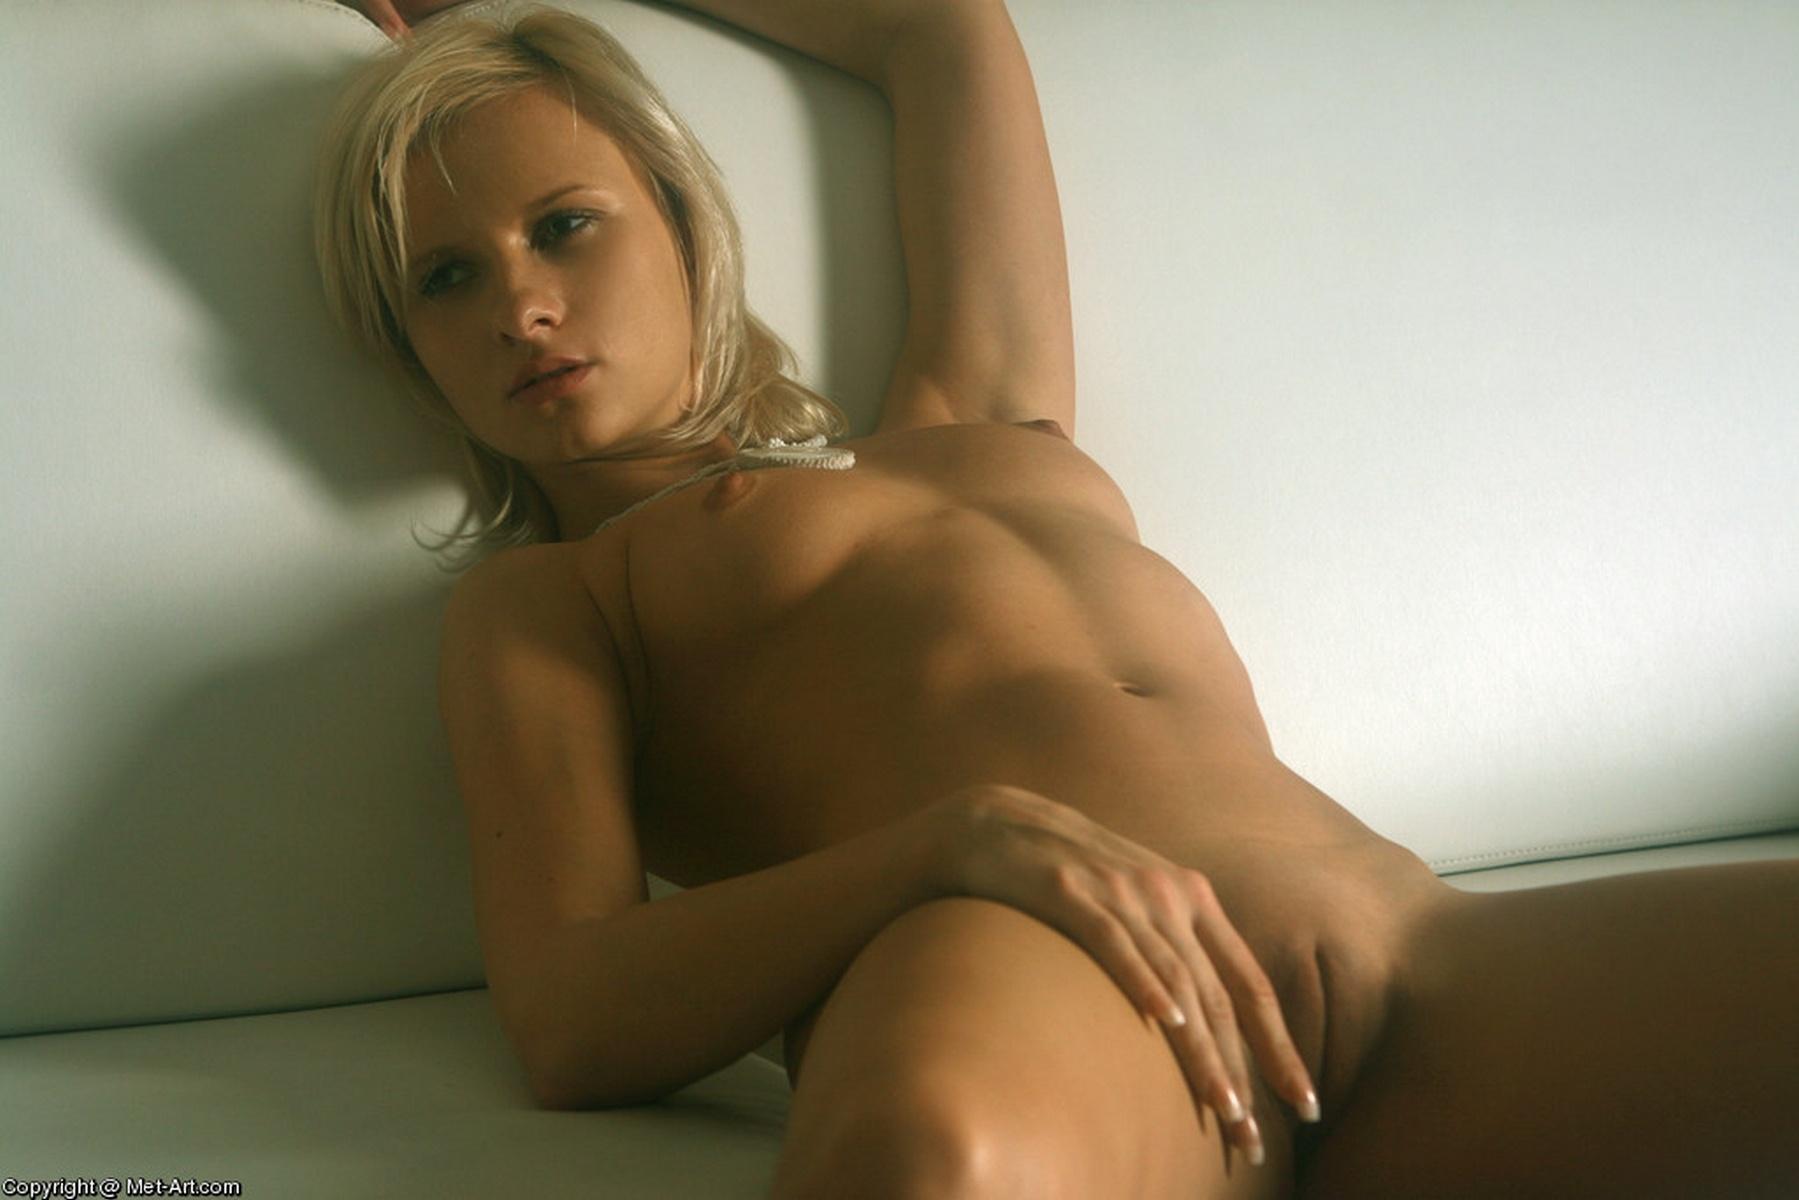 tantra heilbronn erotik nude